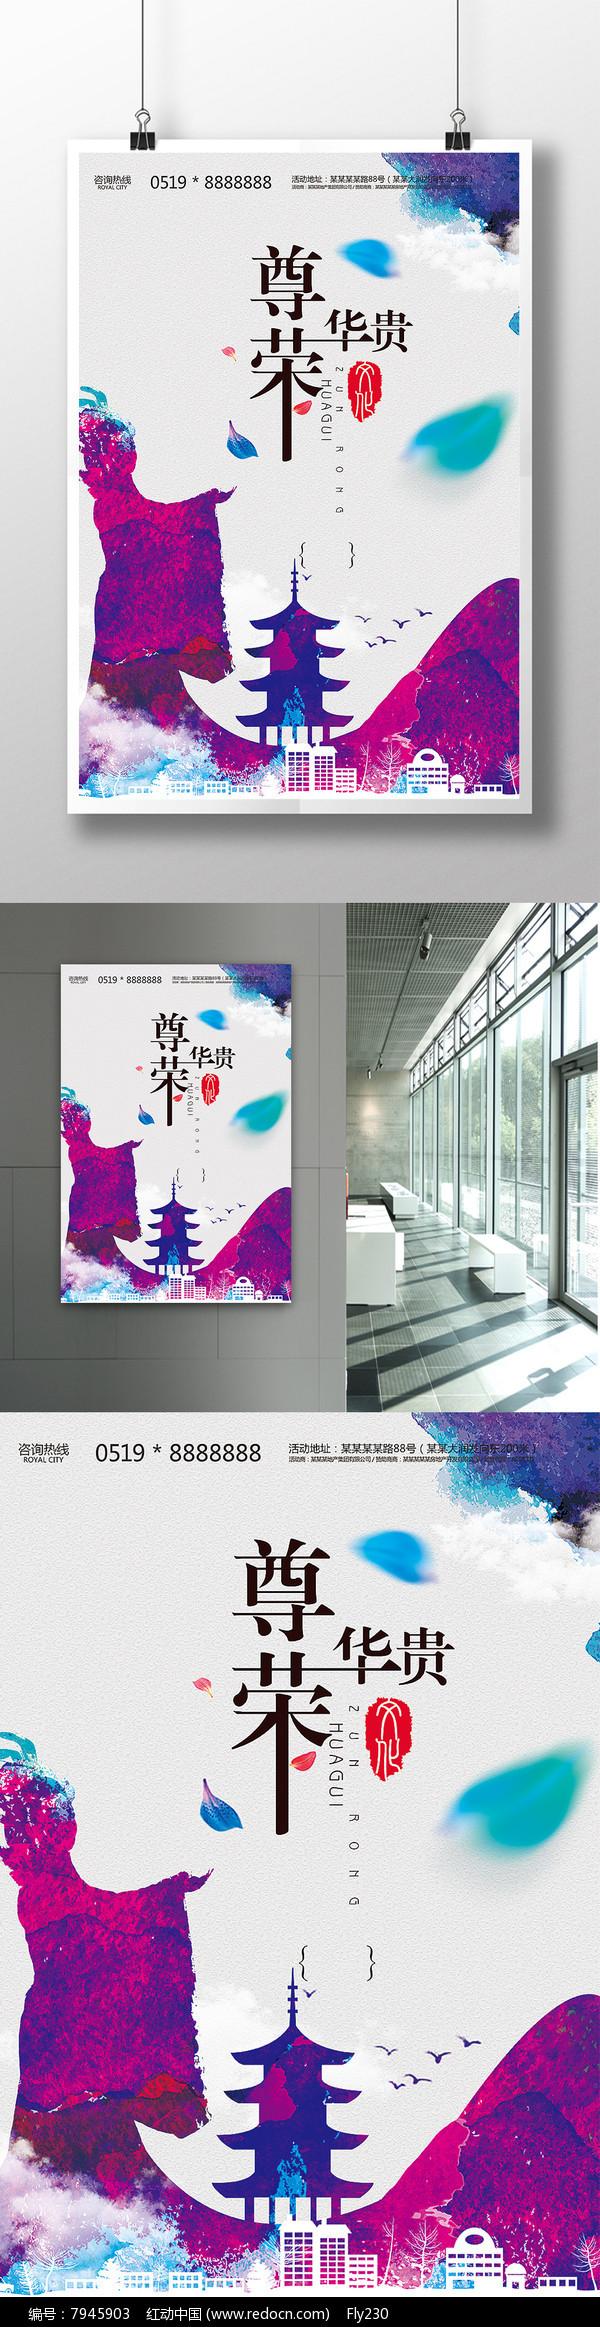 水墨房地产海报图片